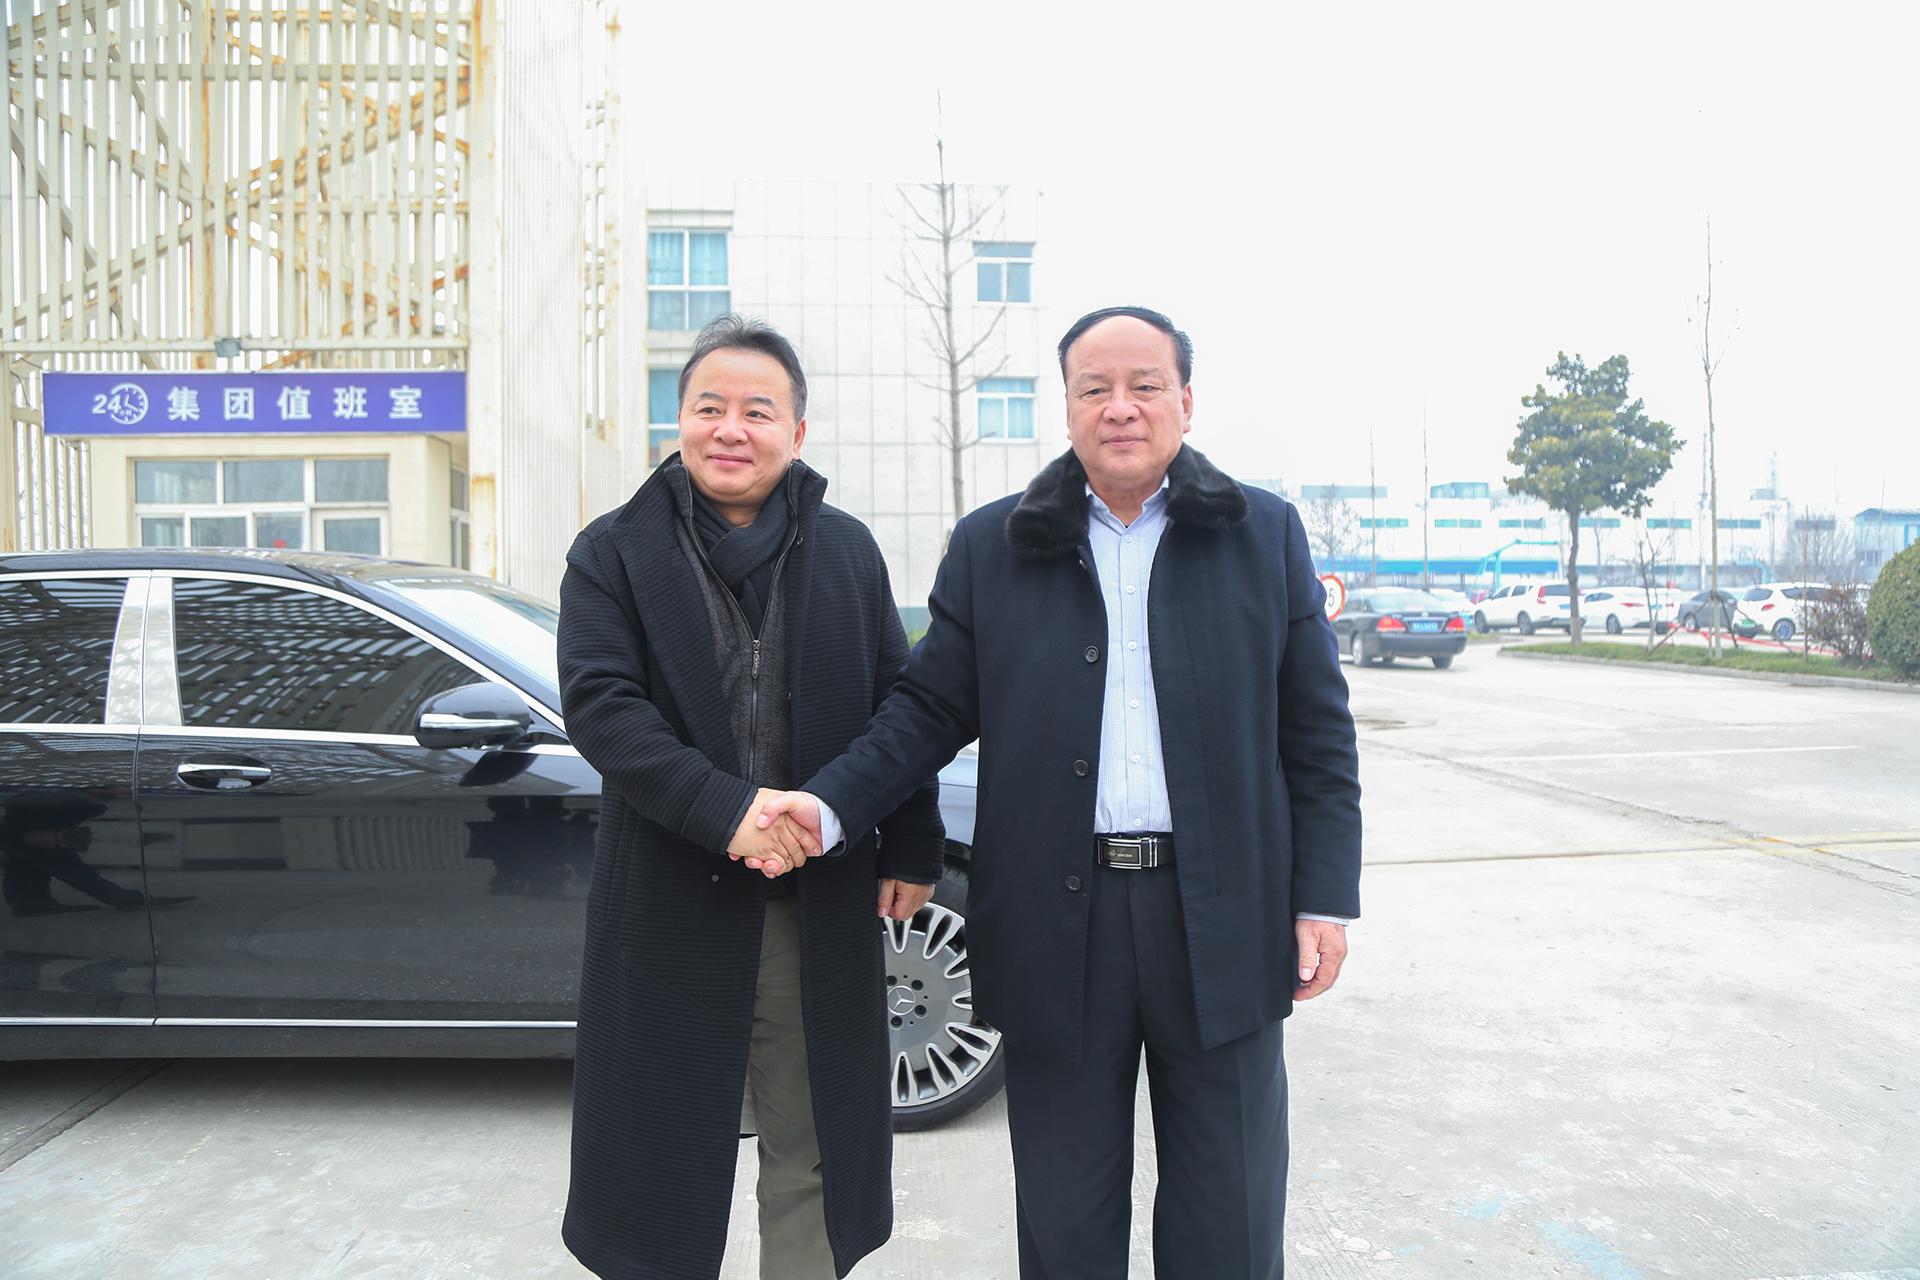 热烈欢迎英国中华总商会邵主席莅临集团参观考察